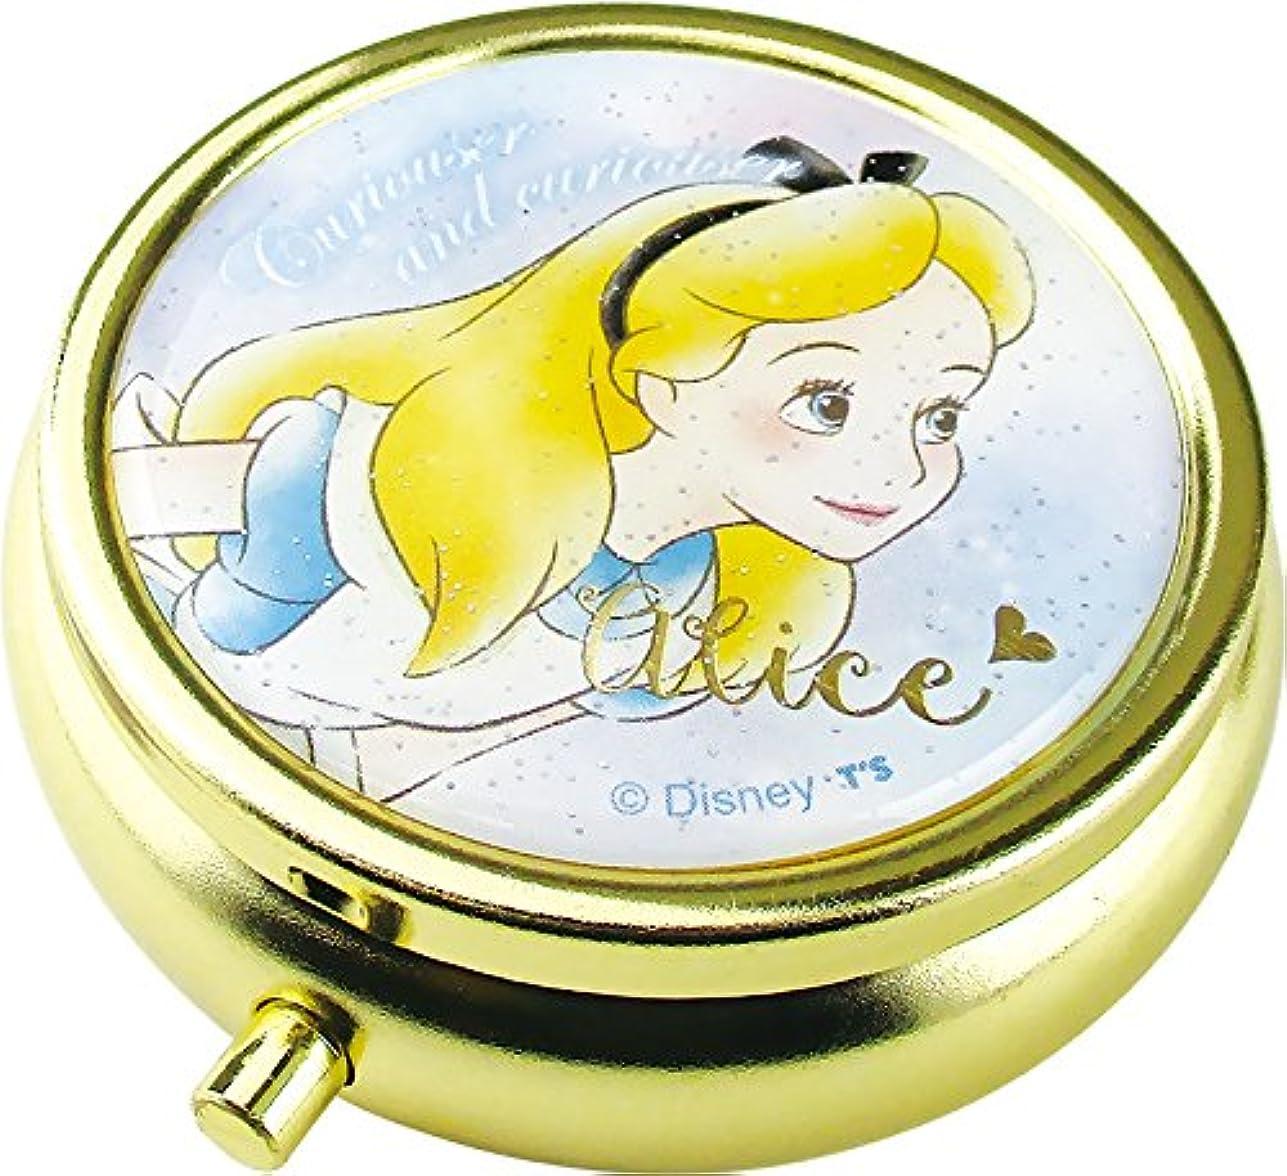 素晴らしきナビゲーションシャックルティーズファクトリー Disney アリス ミニ小物ケース ミラー、仕切り付き  ディズニー 不思議の国のアリス DN-5522314 AC 073337